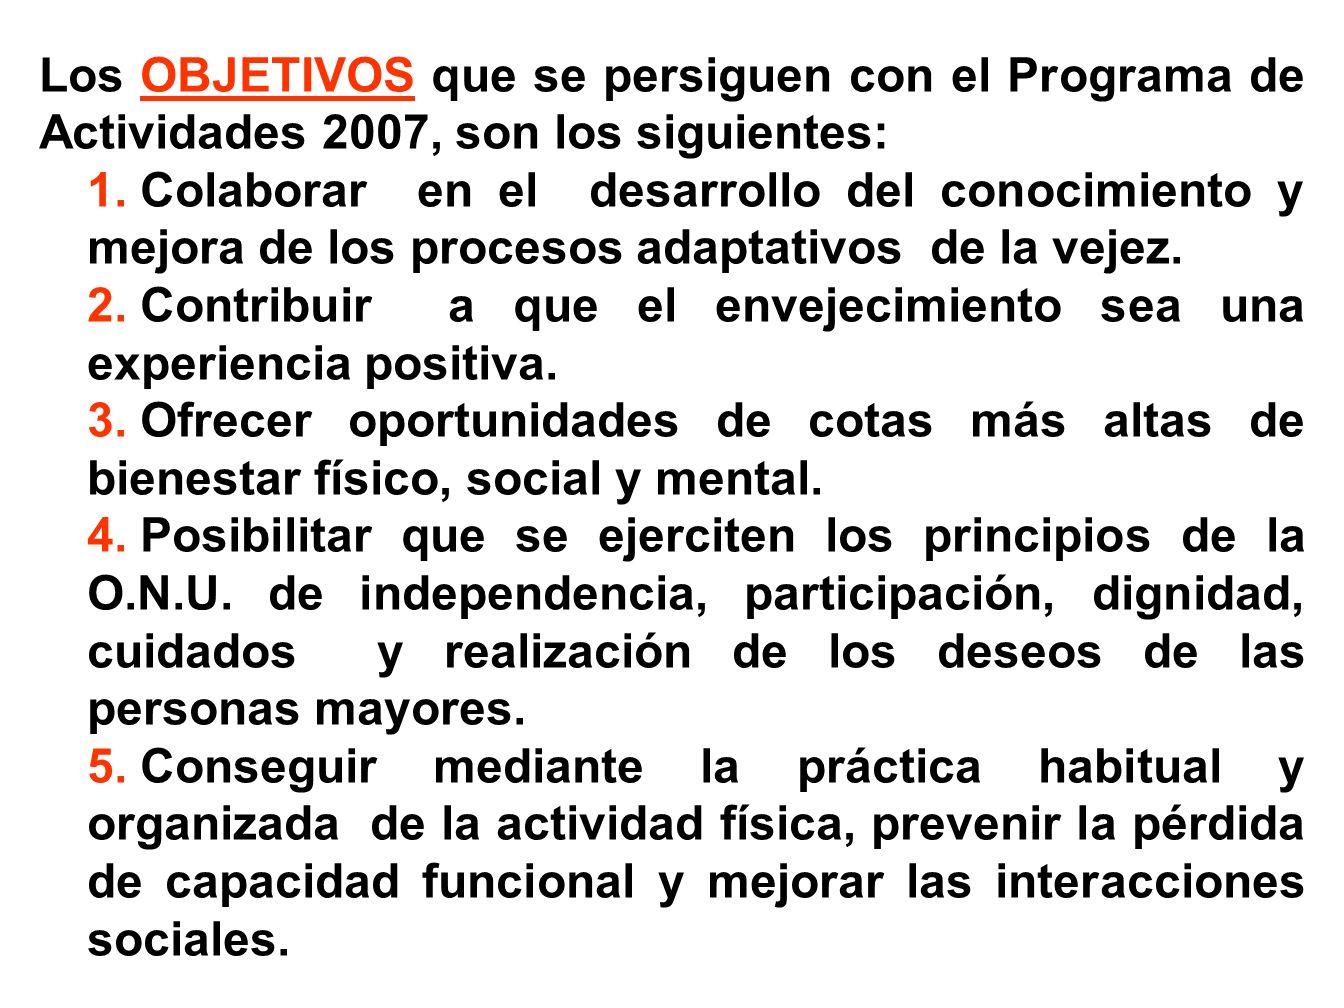 Las actividades que después se relacionan, responden a la filosofía del envejecimiento activo y están orientadas a promover la salud y el bienestar social de las personas mayores Socio/as y Usuarios/as del Centro de Mayores de La Solana.